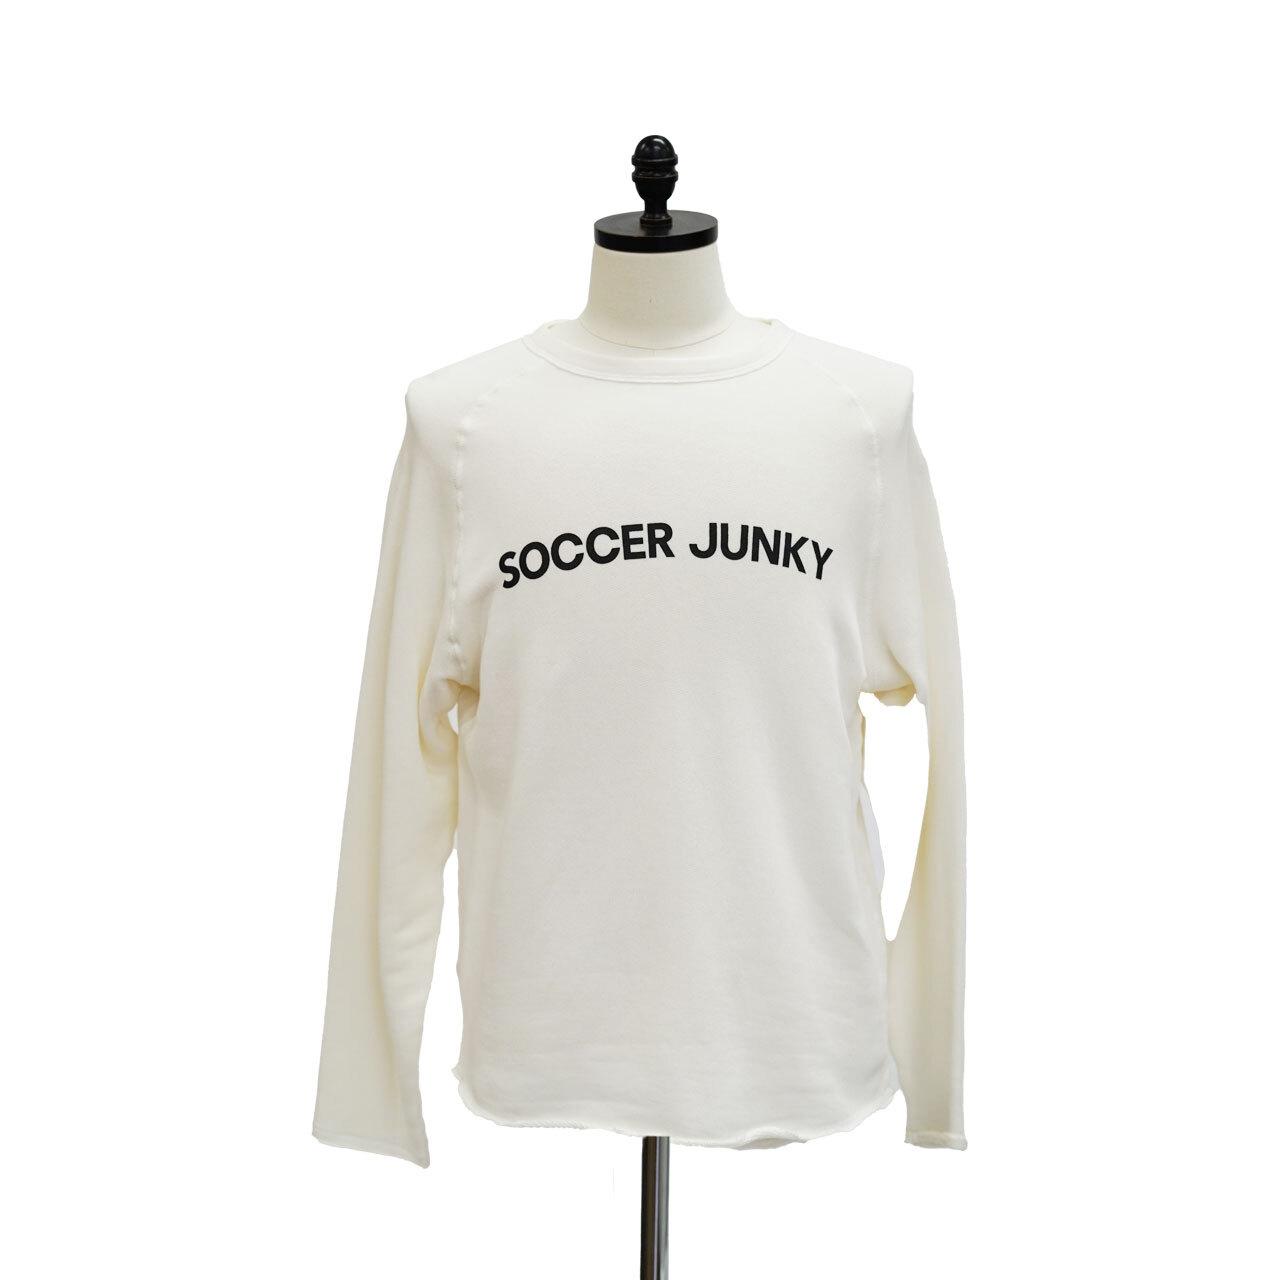 soccer junky  カットオフクルースウェット(SJ18172)